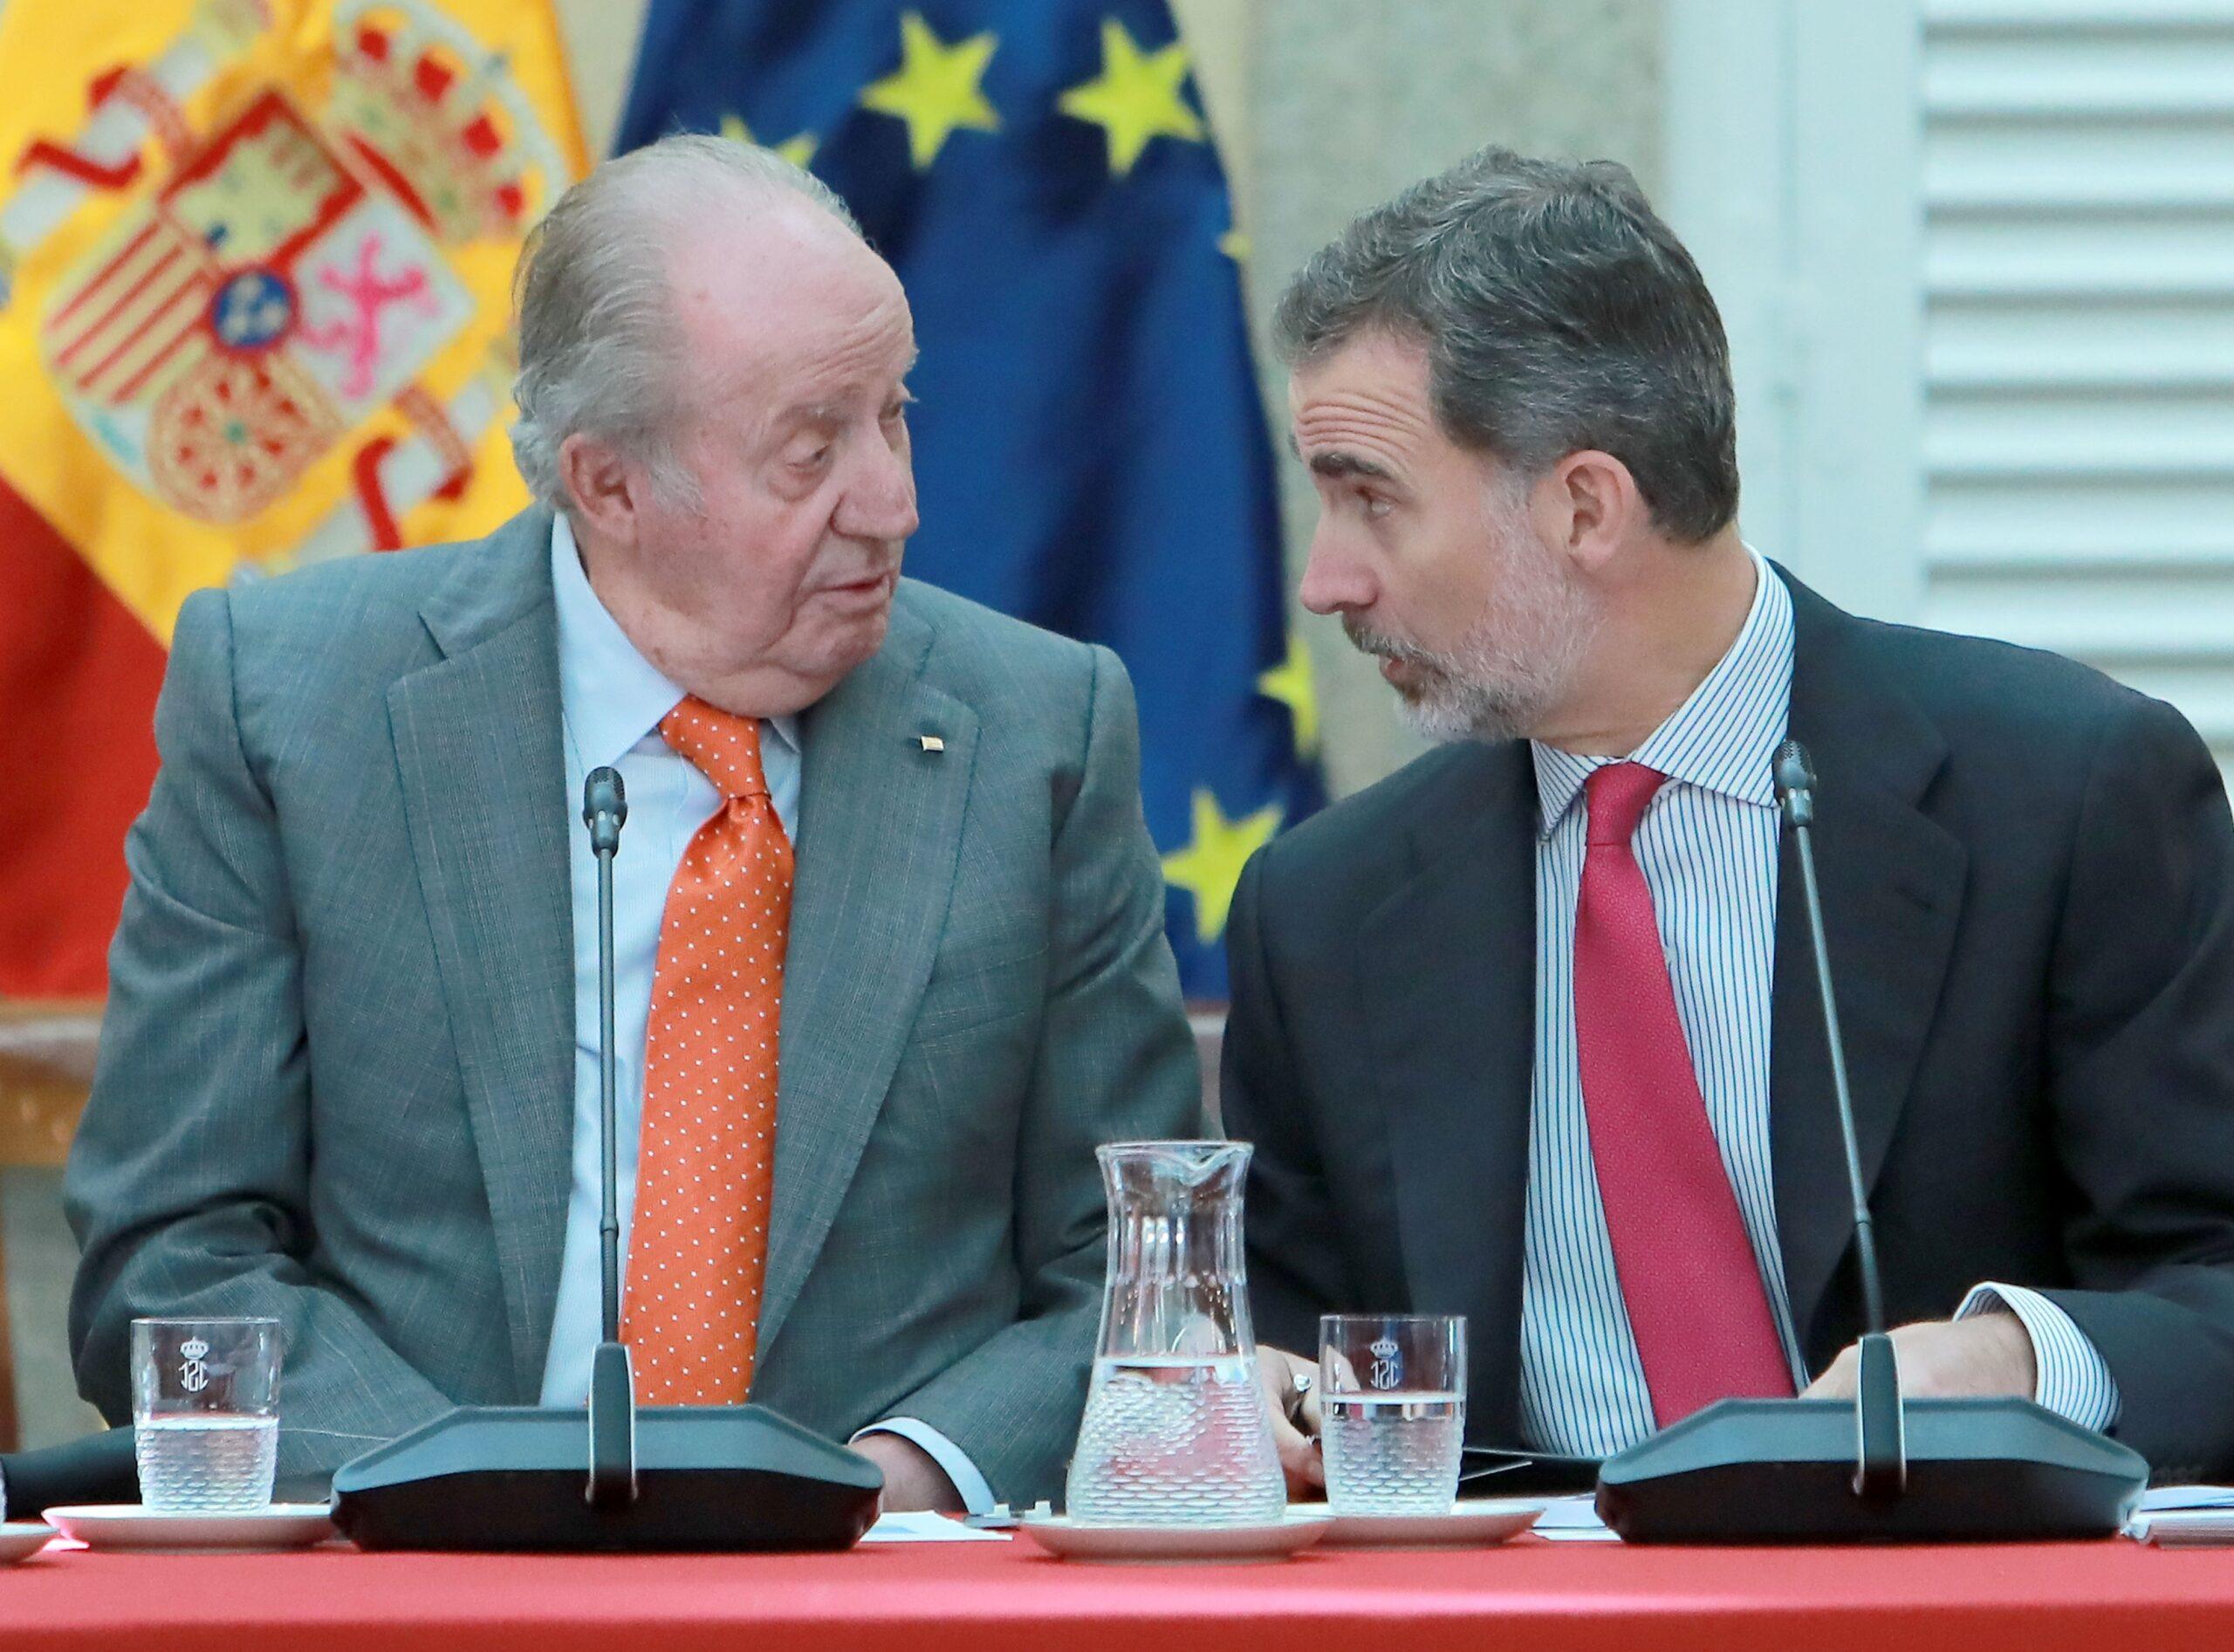 Joan Carles I i Felip VI en una imatge d'arxiu   Europa Press